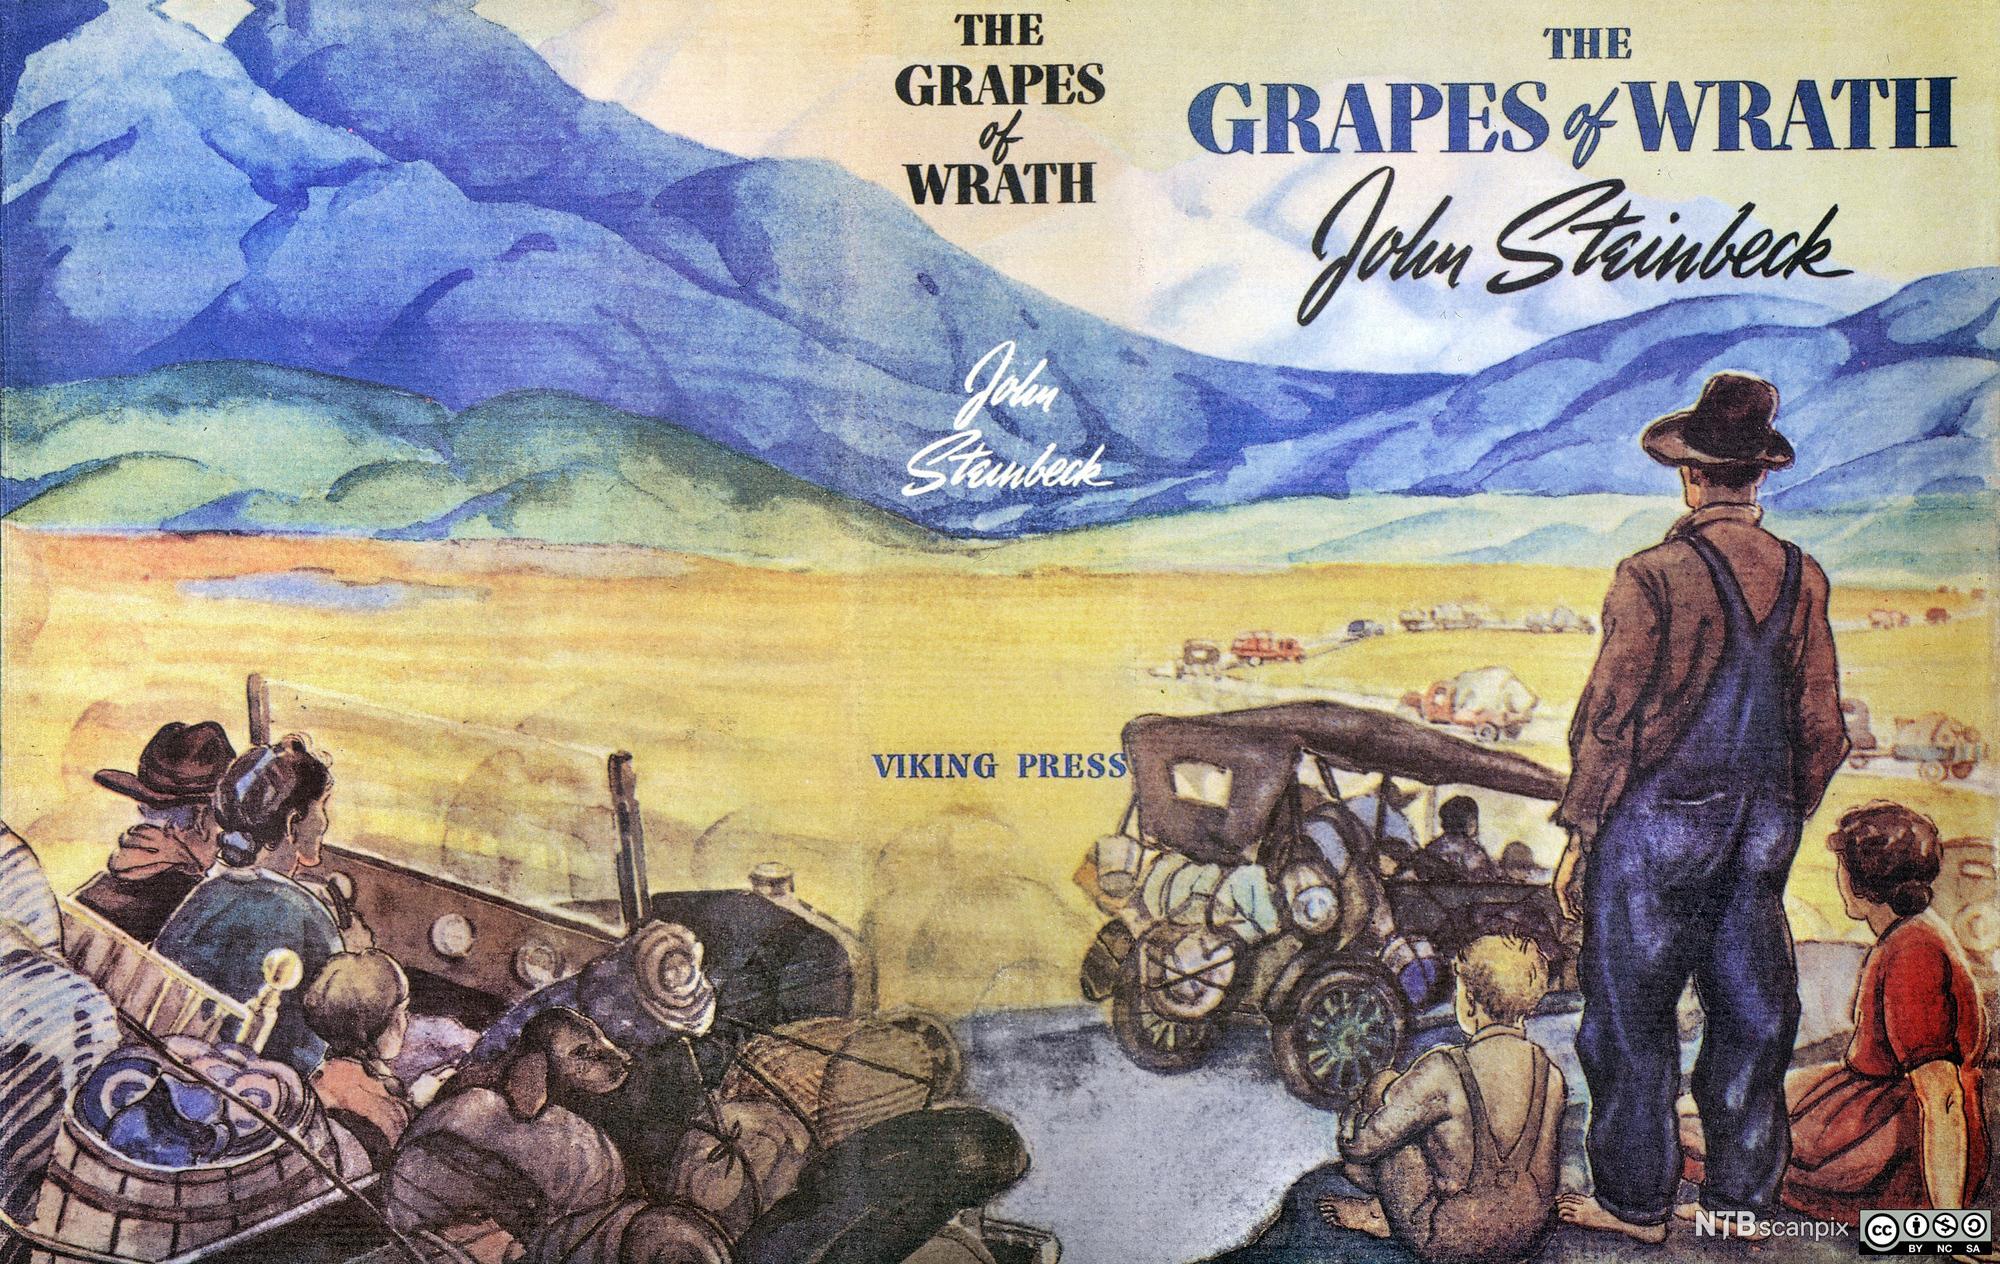 'Chùm nho phẫn nộ' – bức tranh sinh động về nông thôn nước Mỹ đầu thế kỷ 20